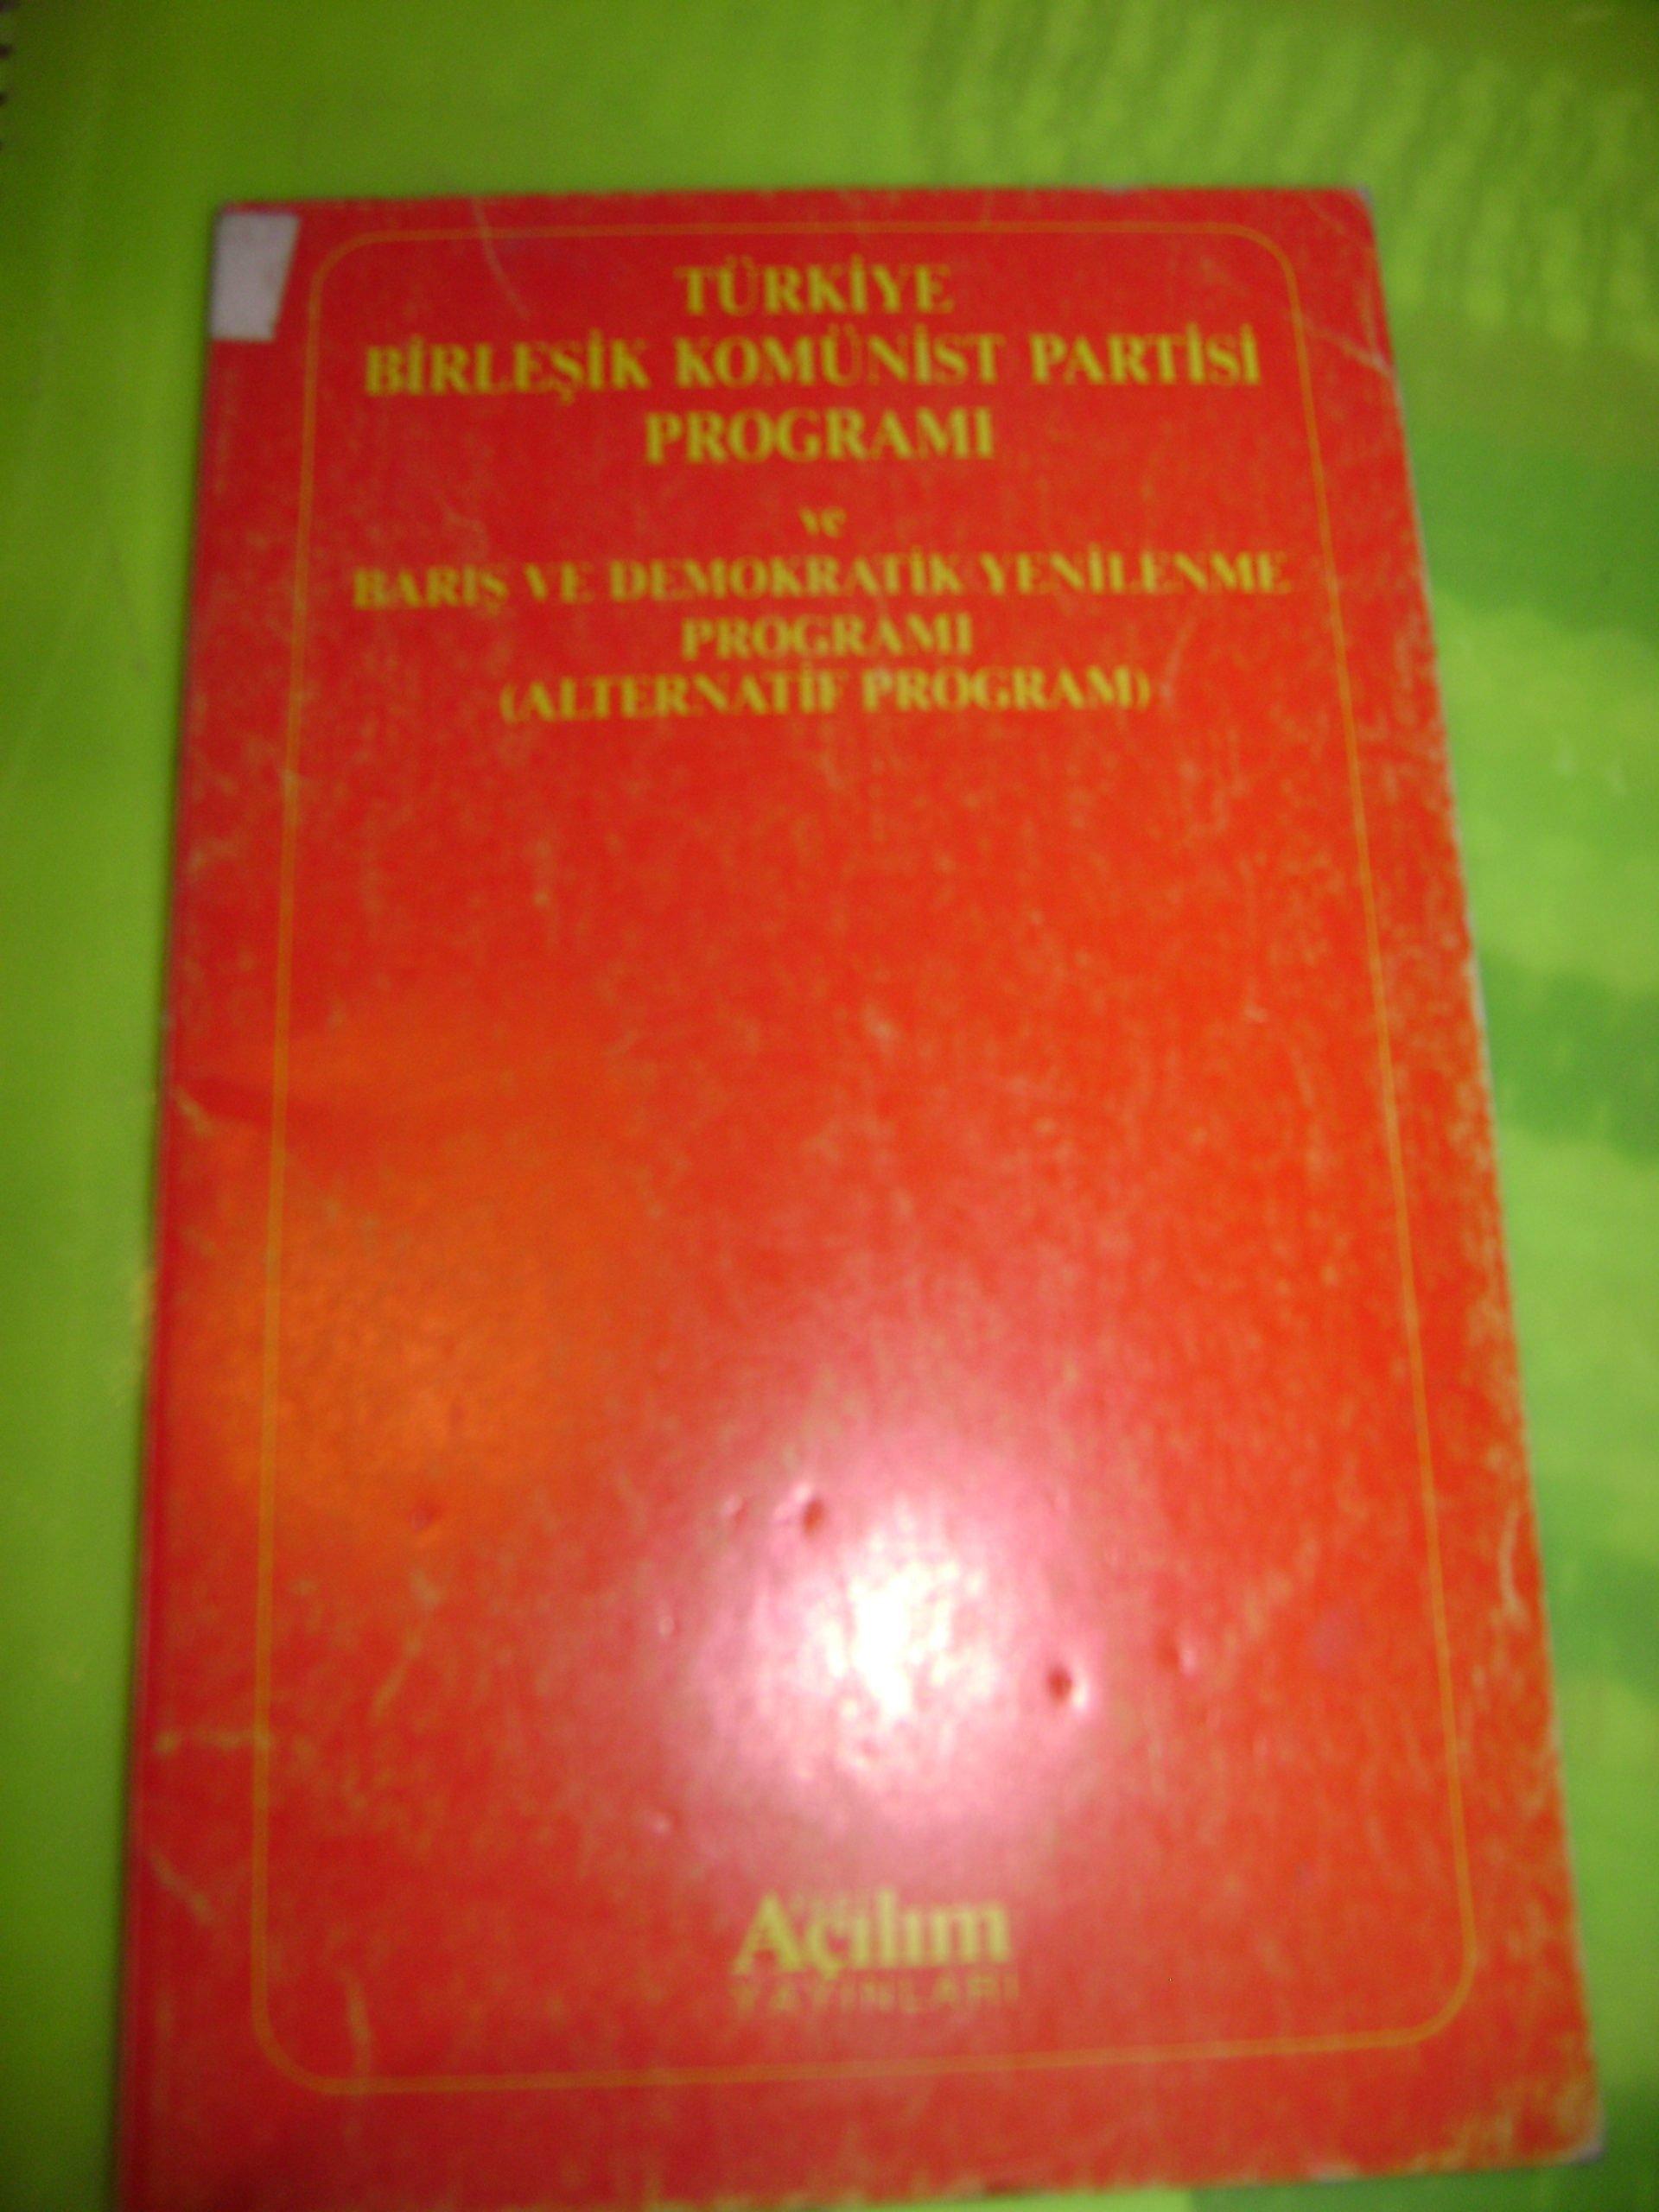 Türkiye Birleşik Komünist Partisi Programı/Açılım yay/10 tl